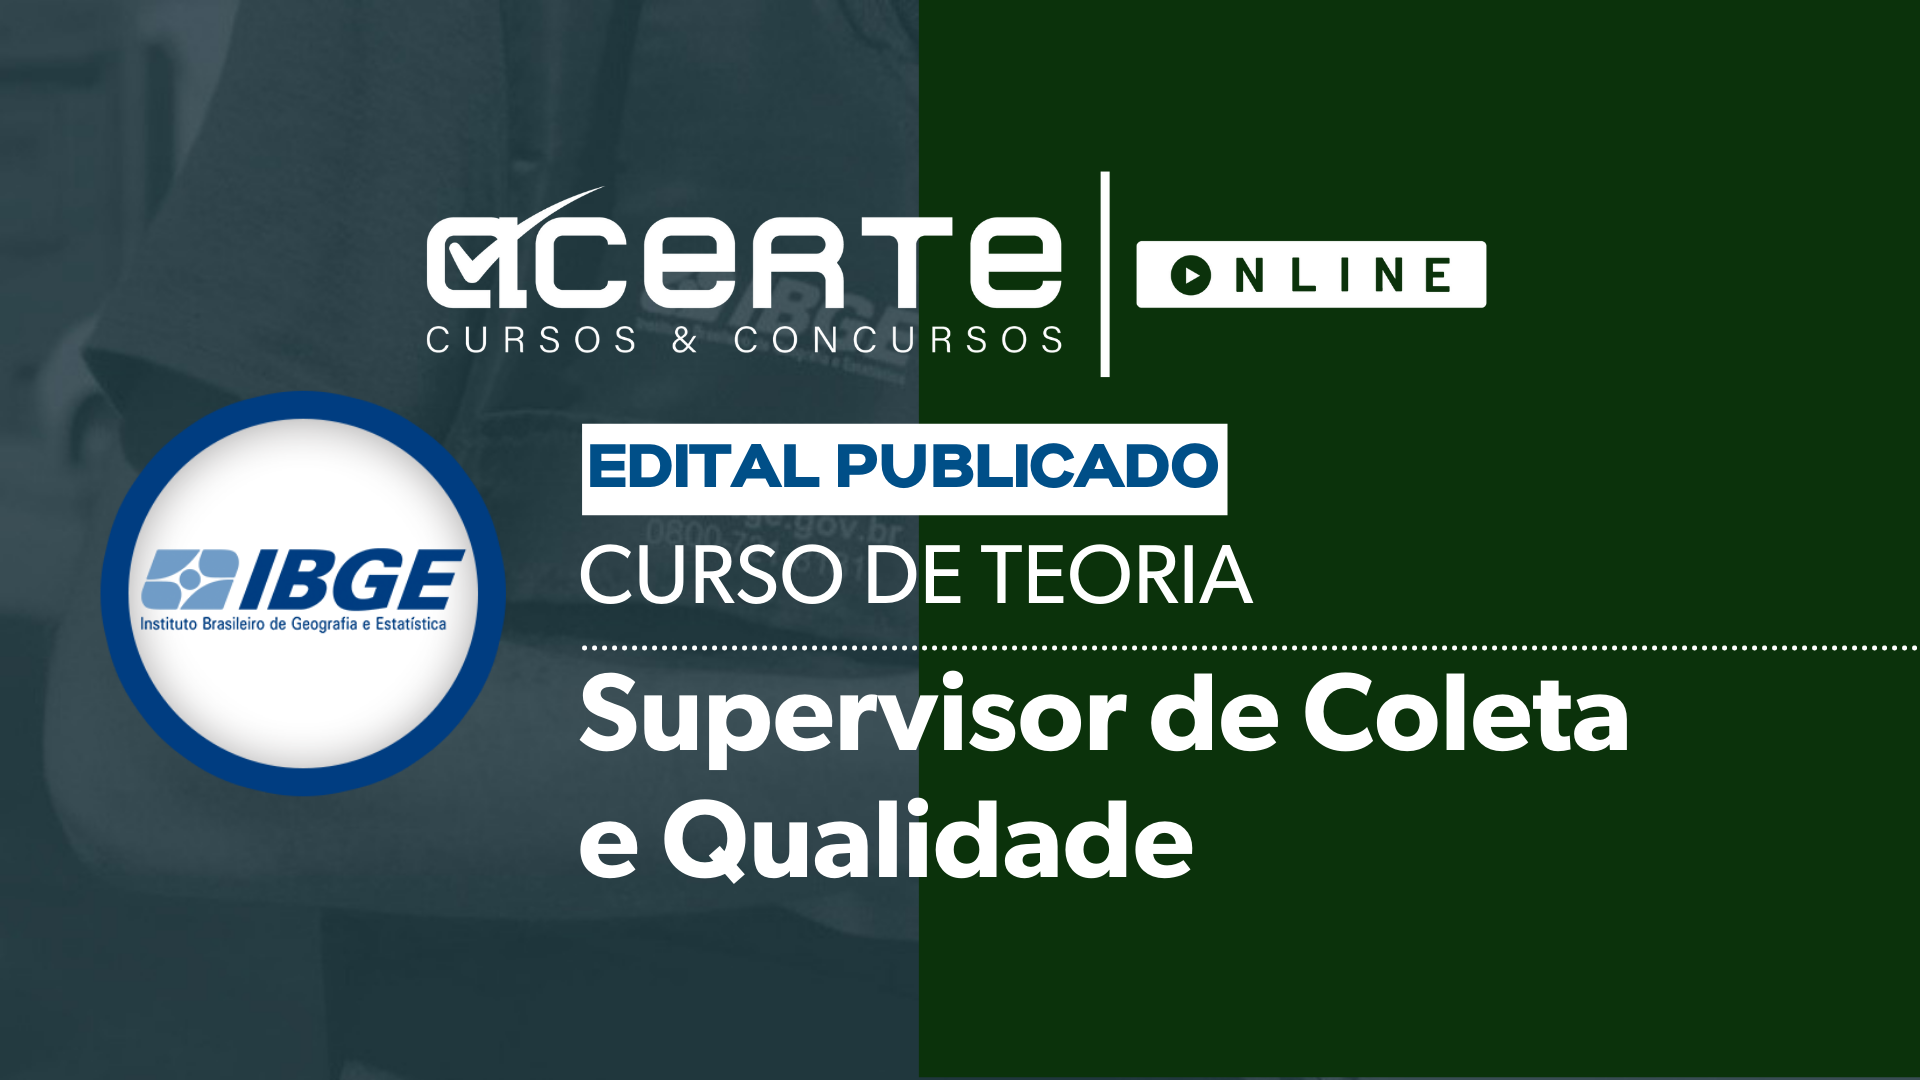 IBGE - Supervisor de Coleta e Qualidade